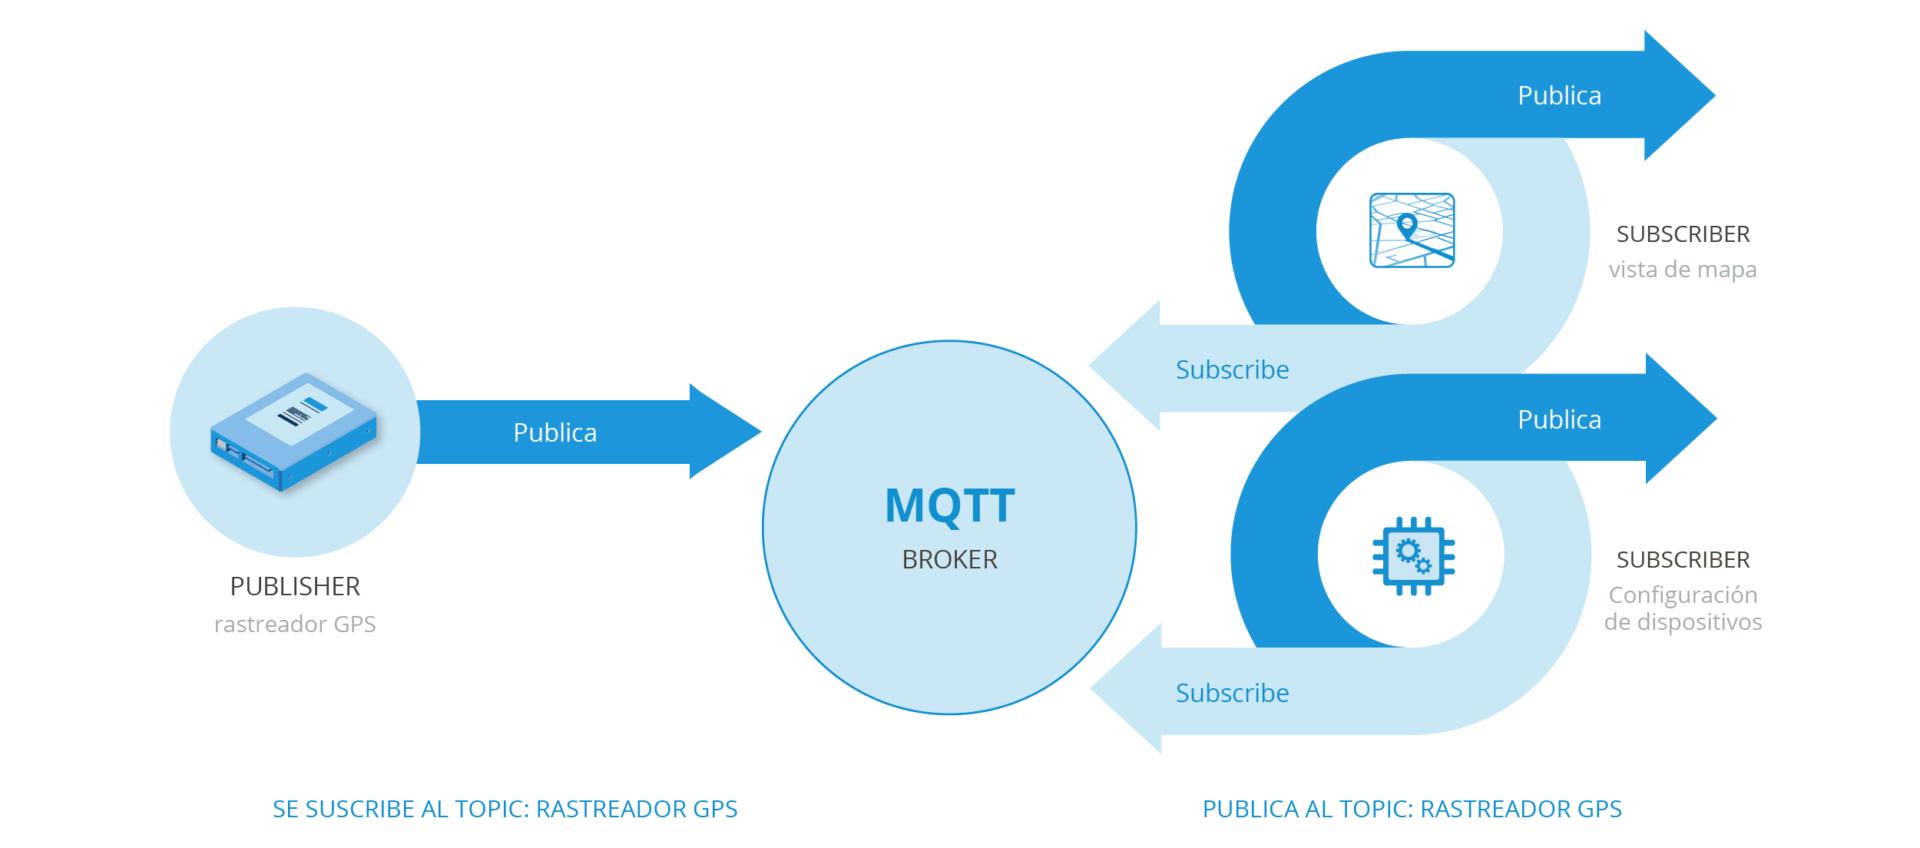 MQTT_broker_blog_2